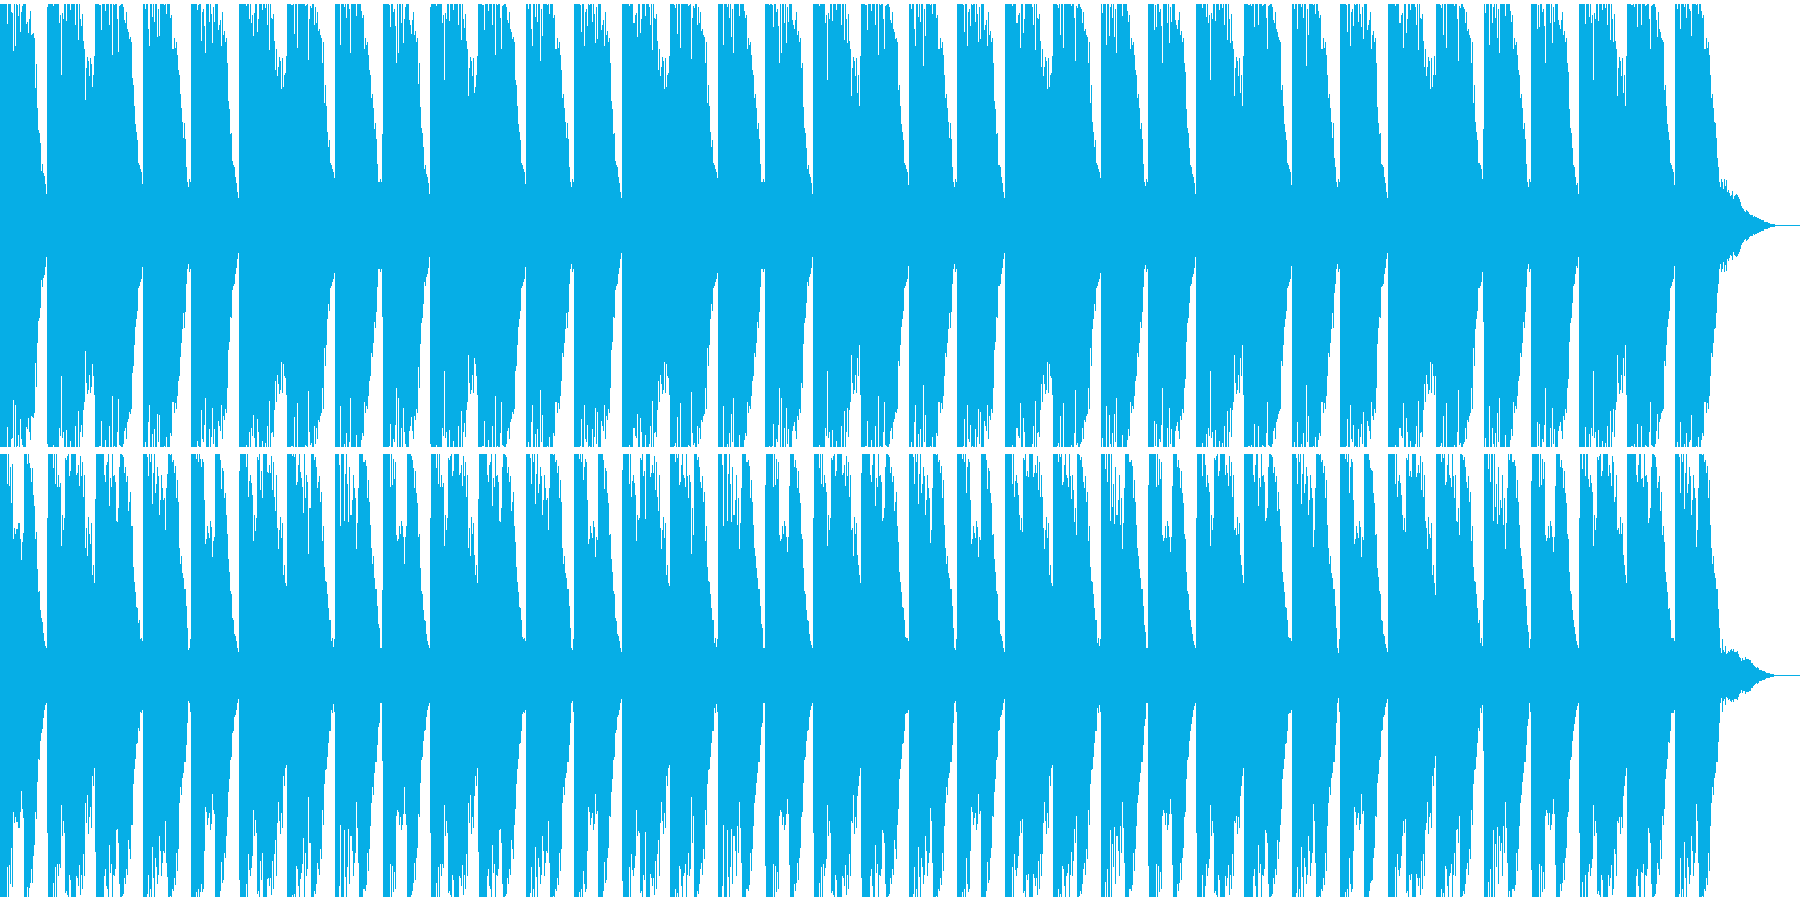 壊れたオートハープなどによる奇妙なリズムの再生済みの波形